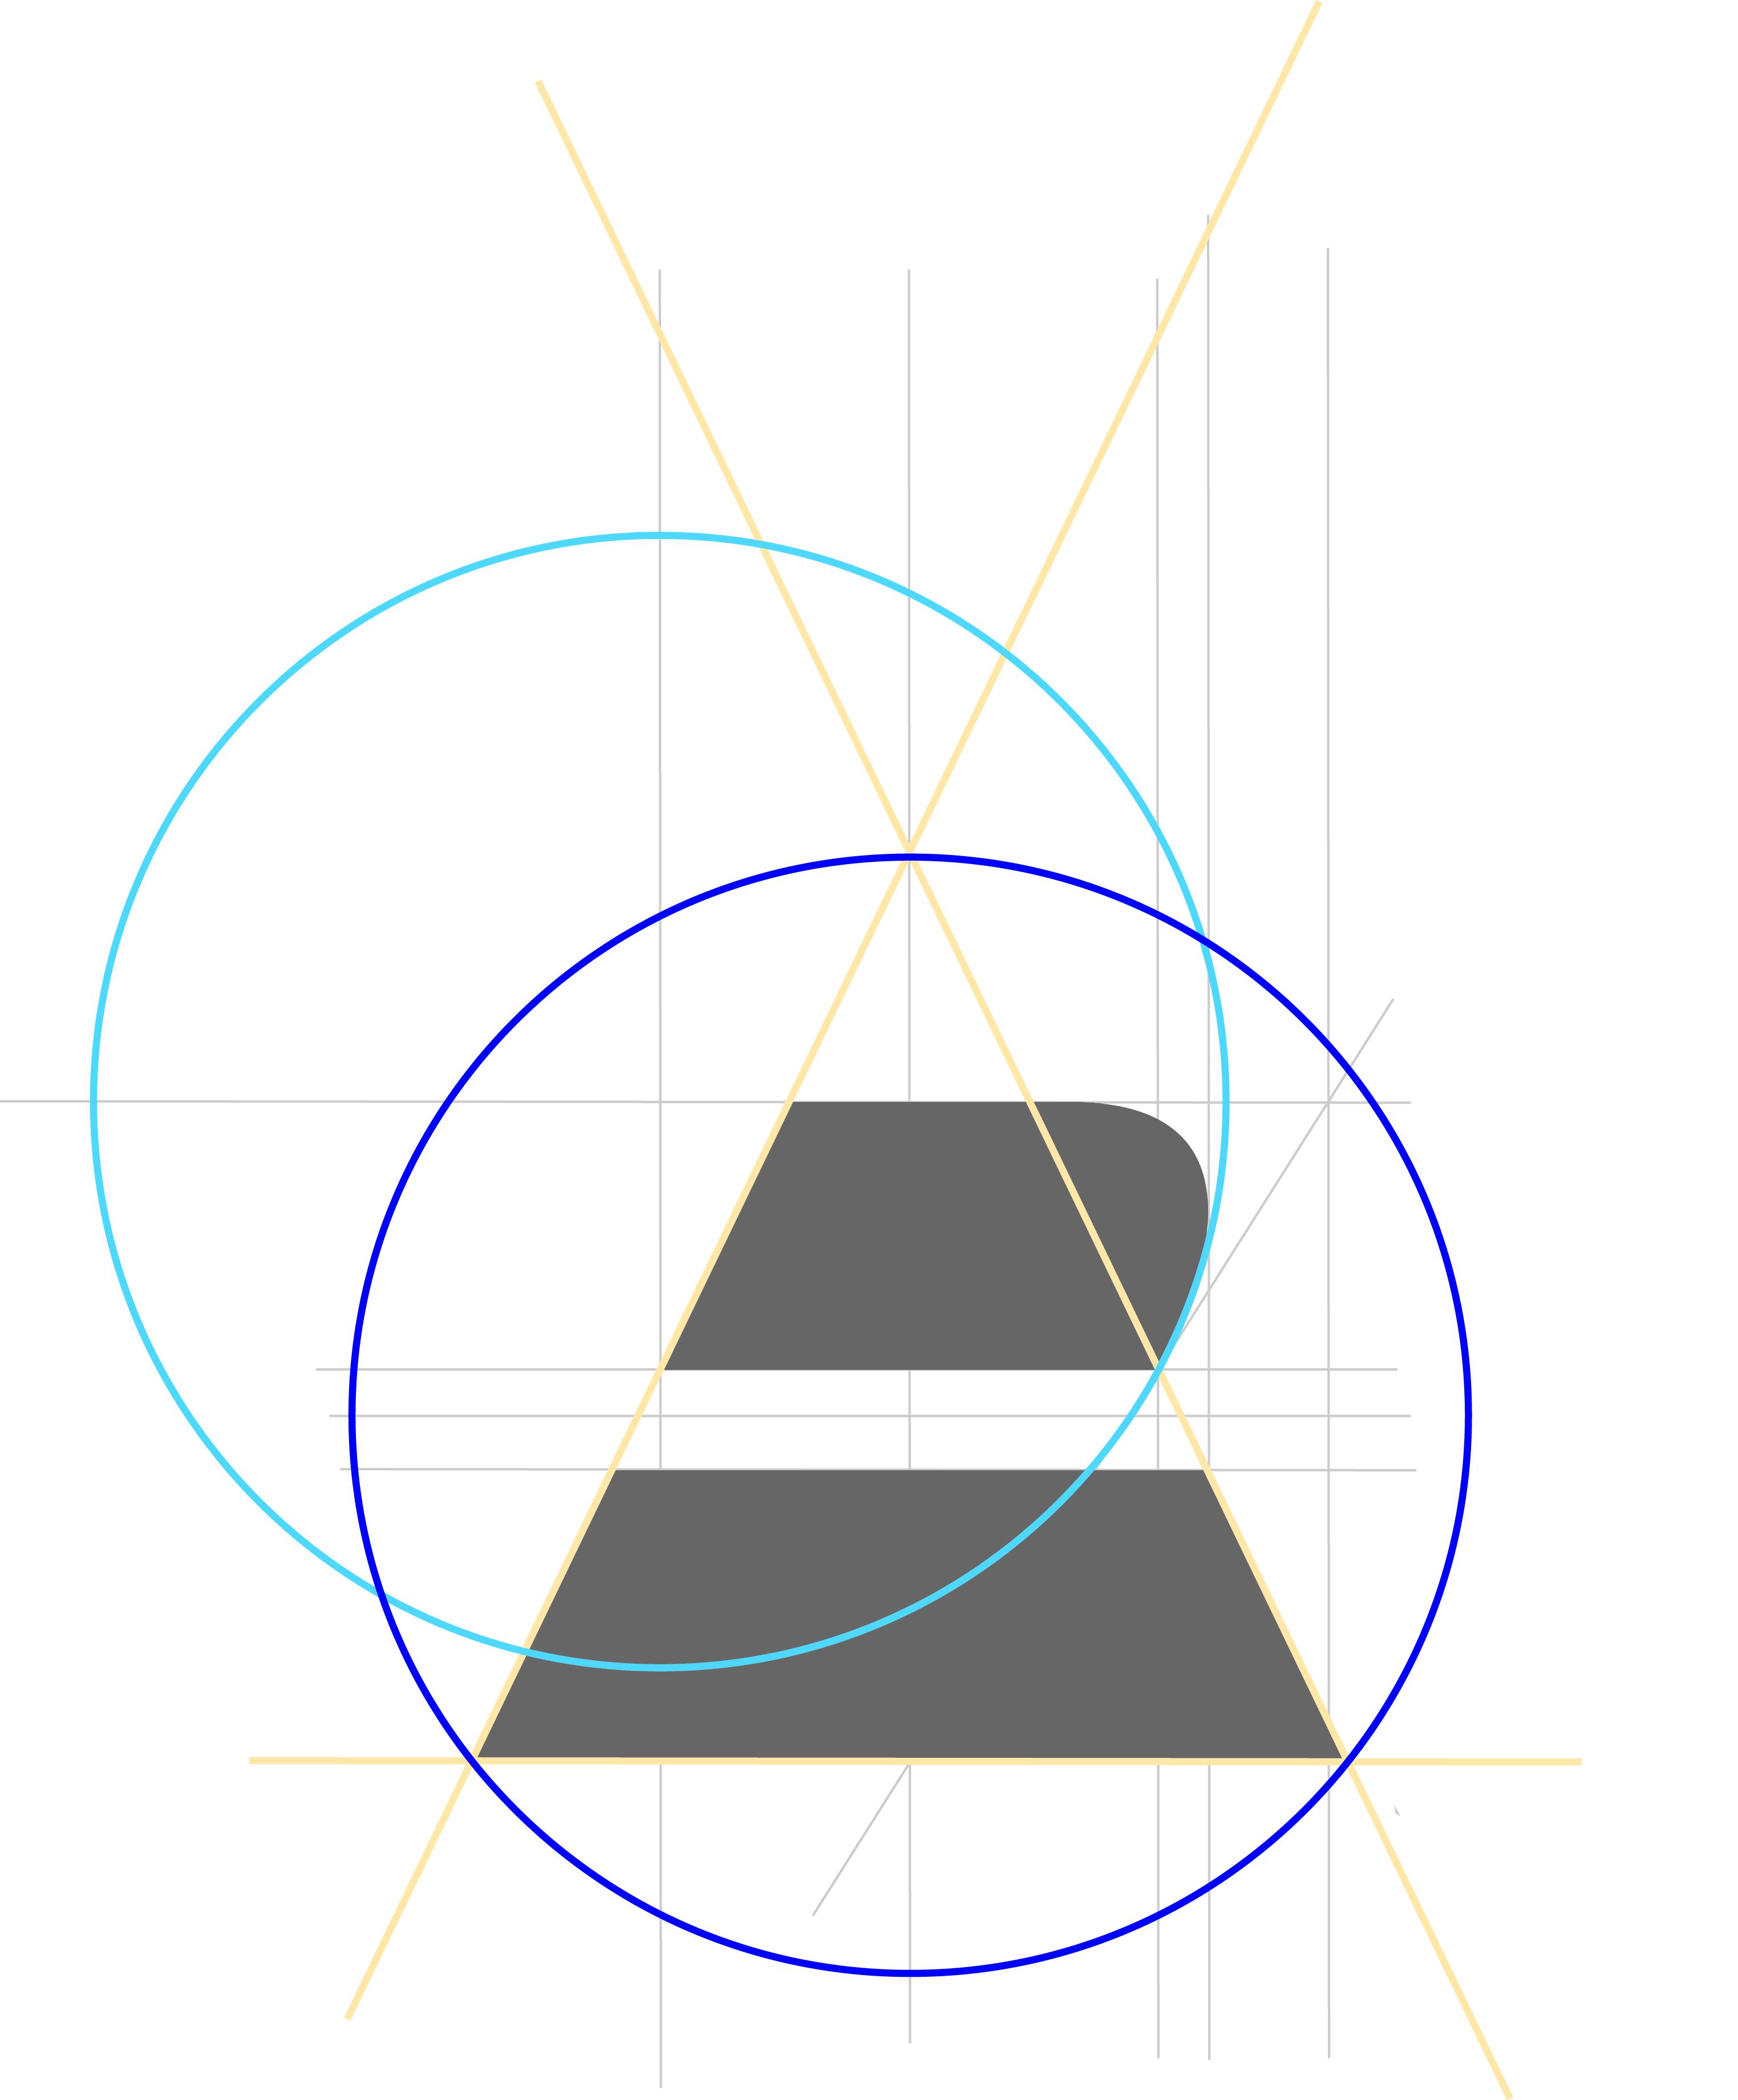 aregel_logo_ci_fertig_concept2